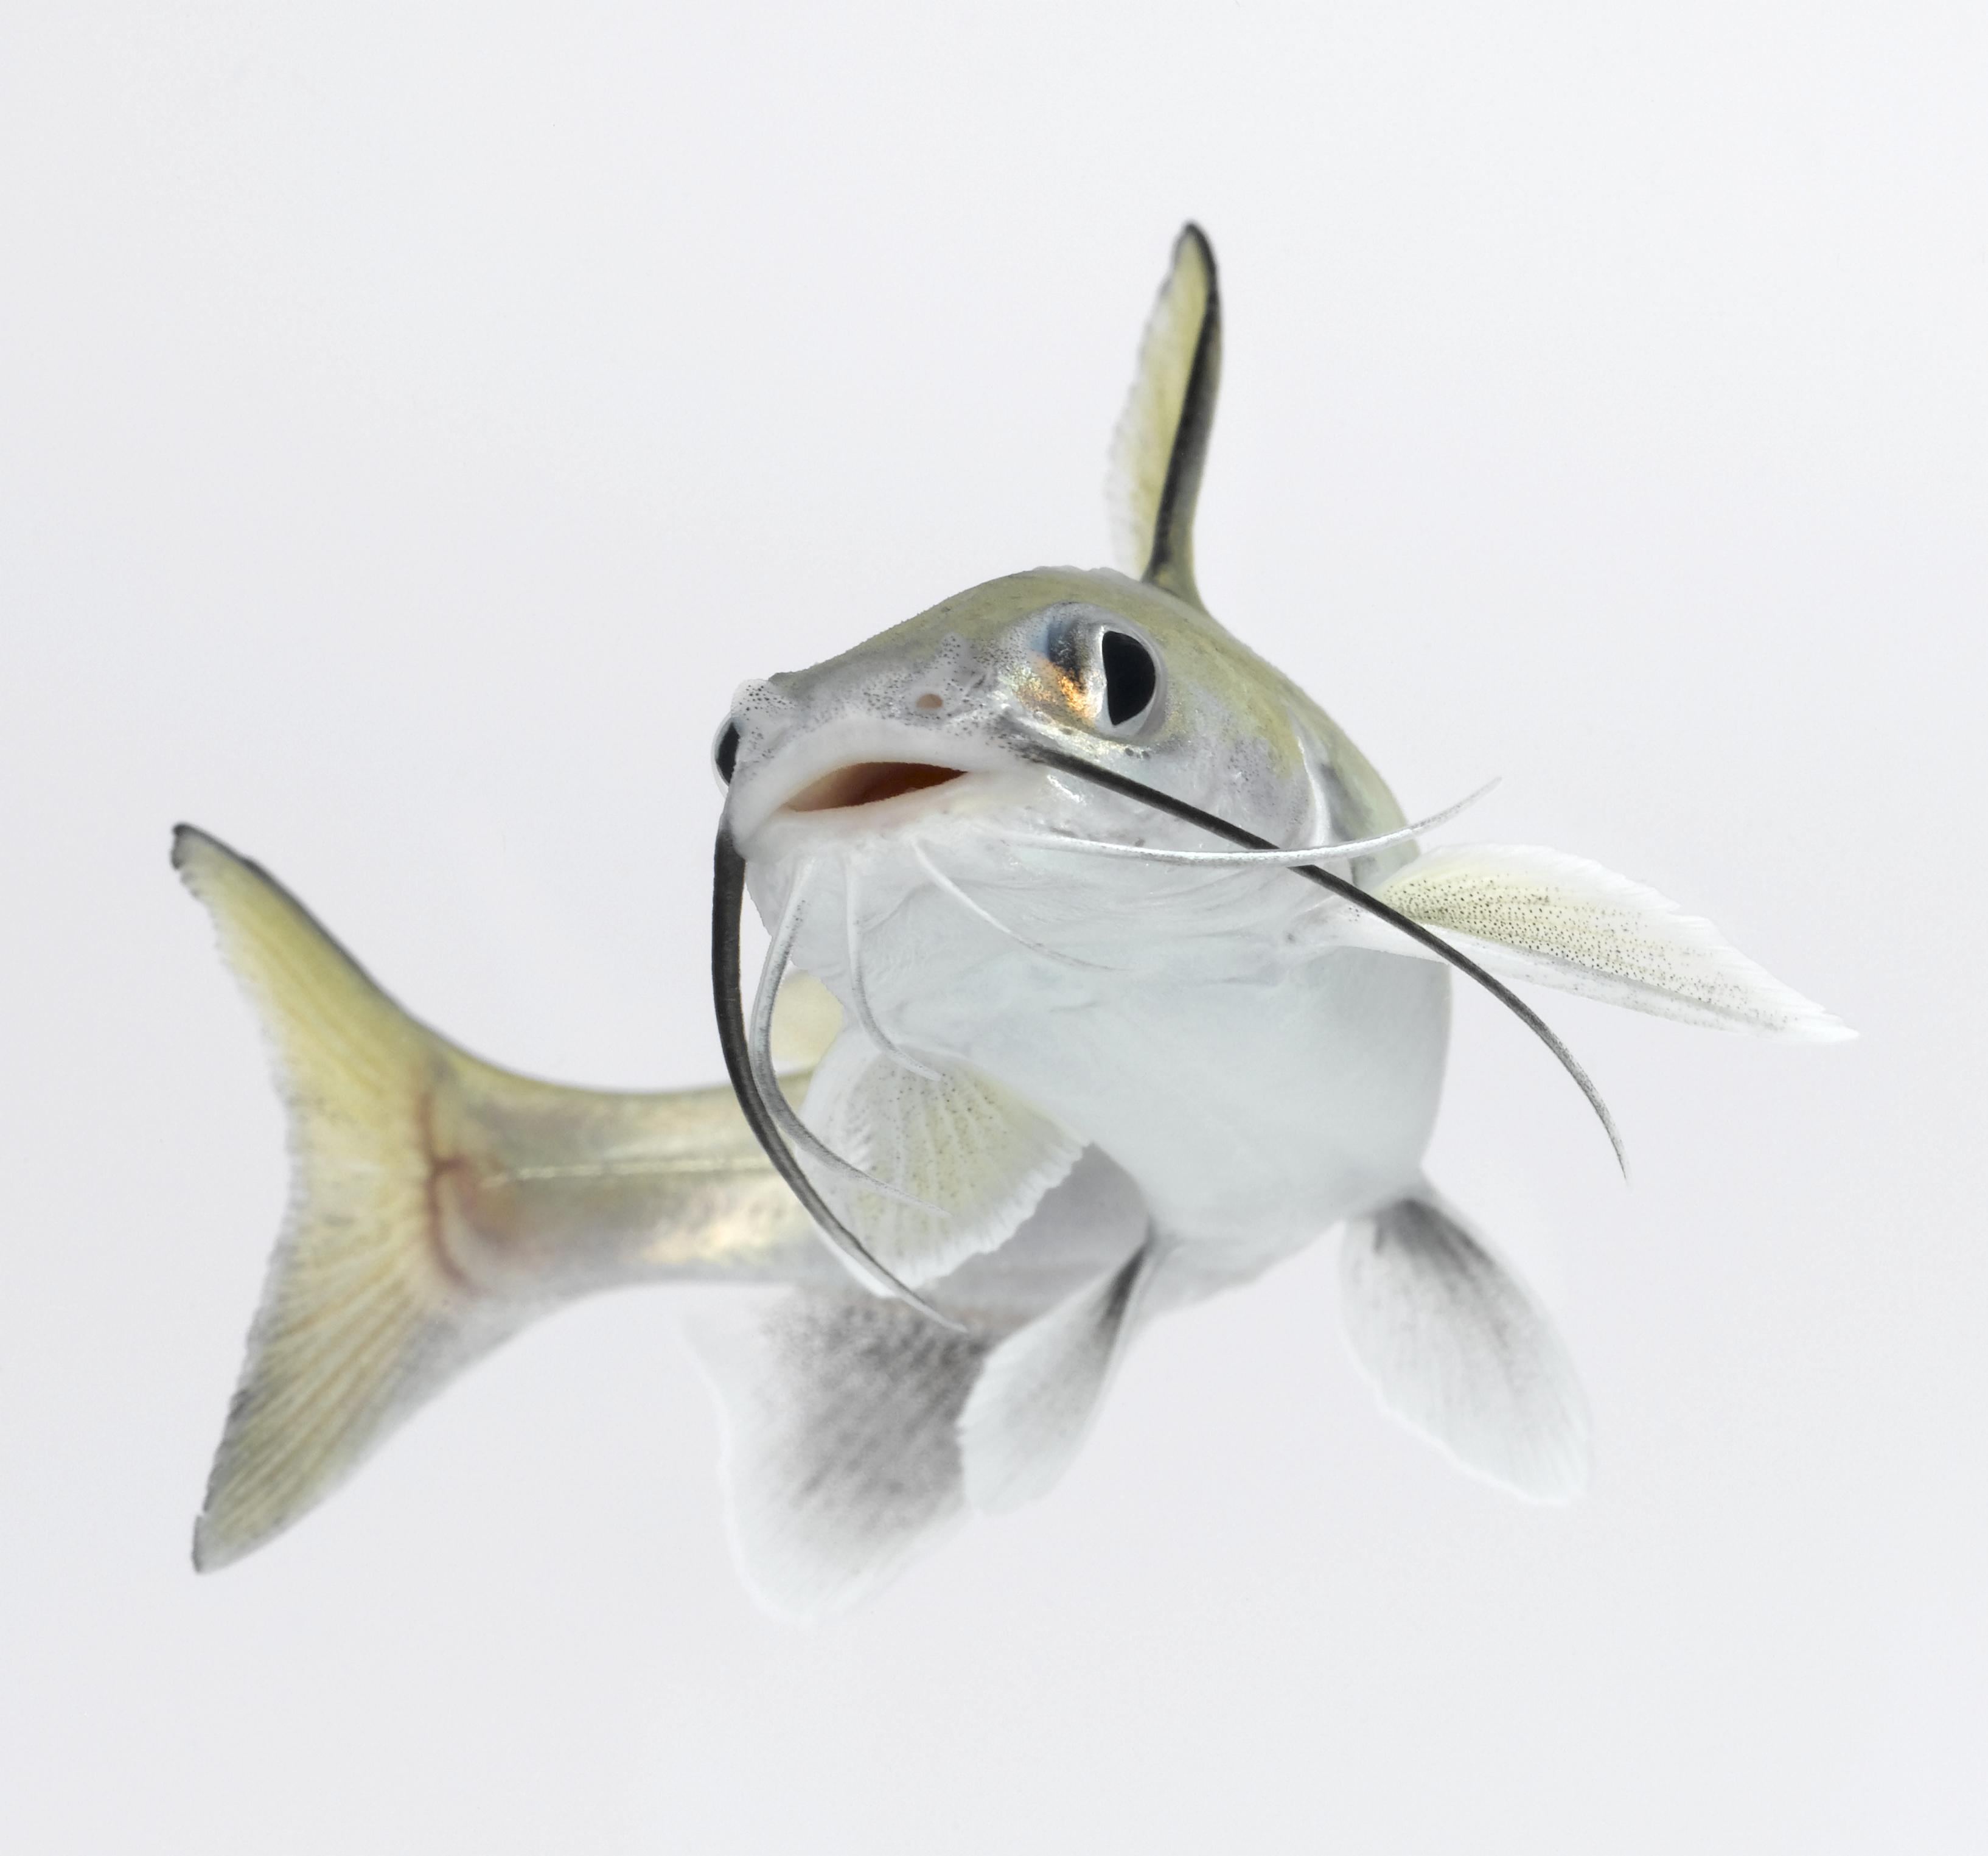 Tete sea catfish